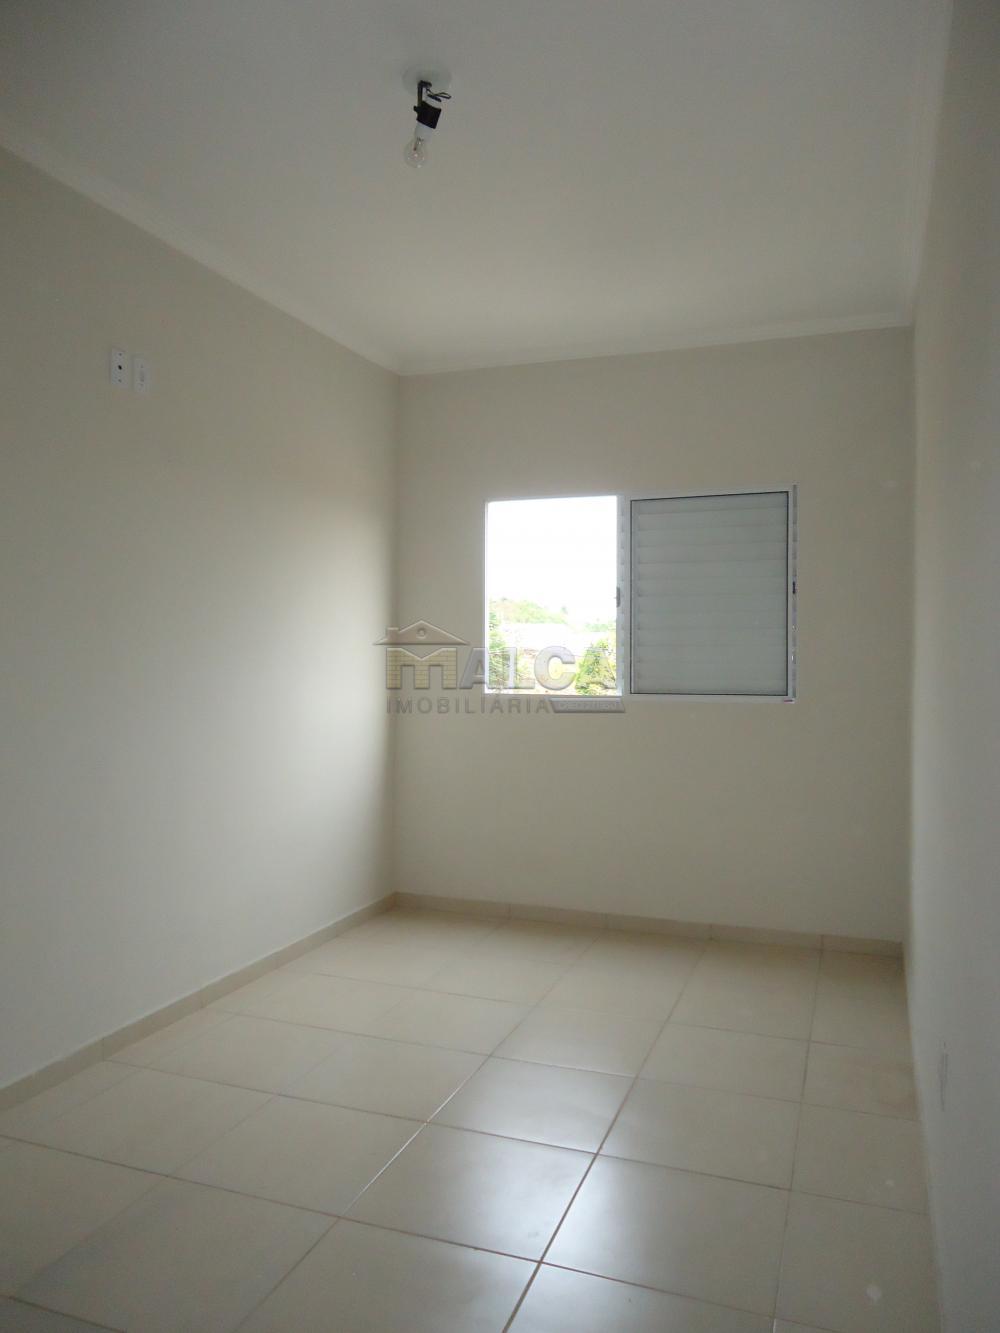 Alugar Apartamentos / Padrão em São José do Rio Pardo R$ 850,00 - Foto 23